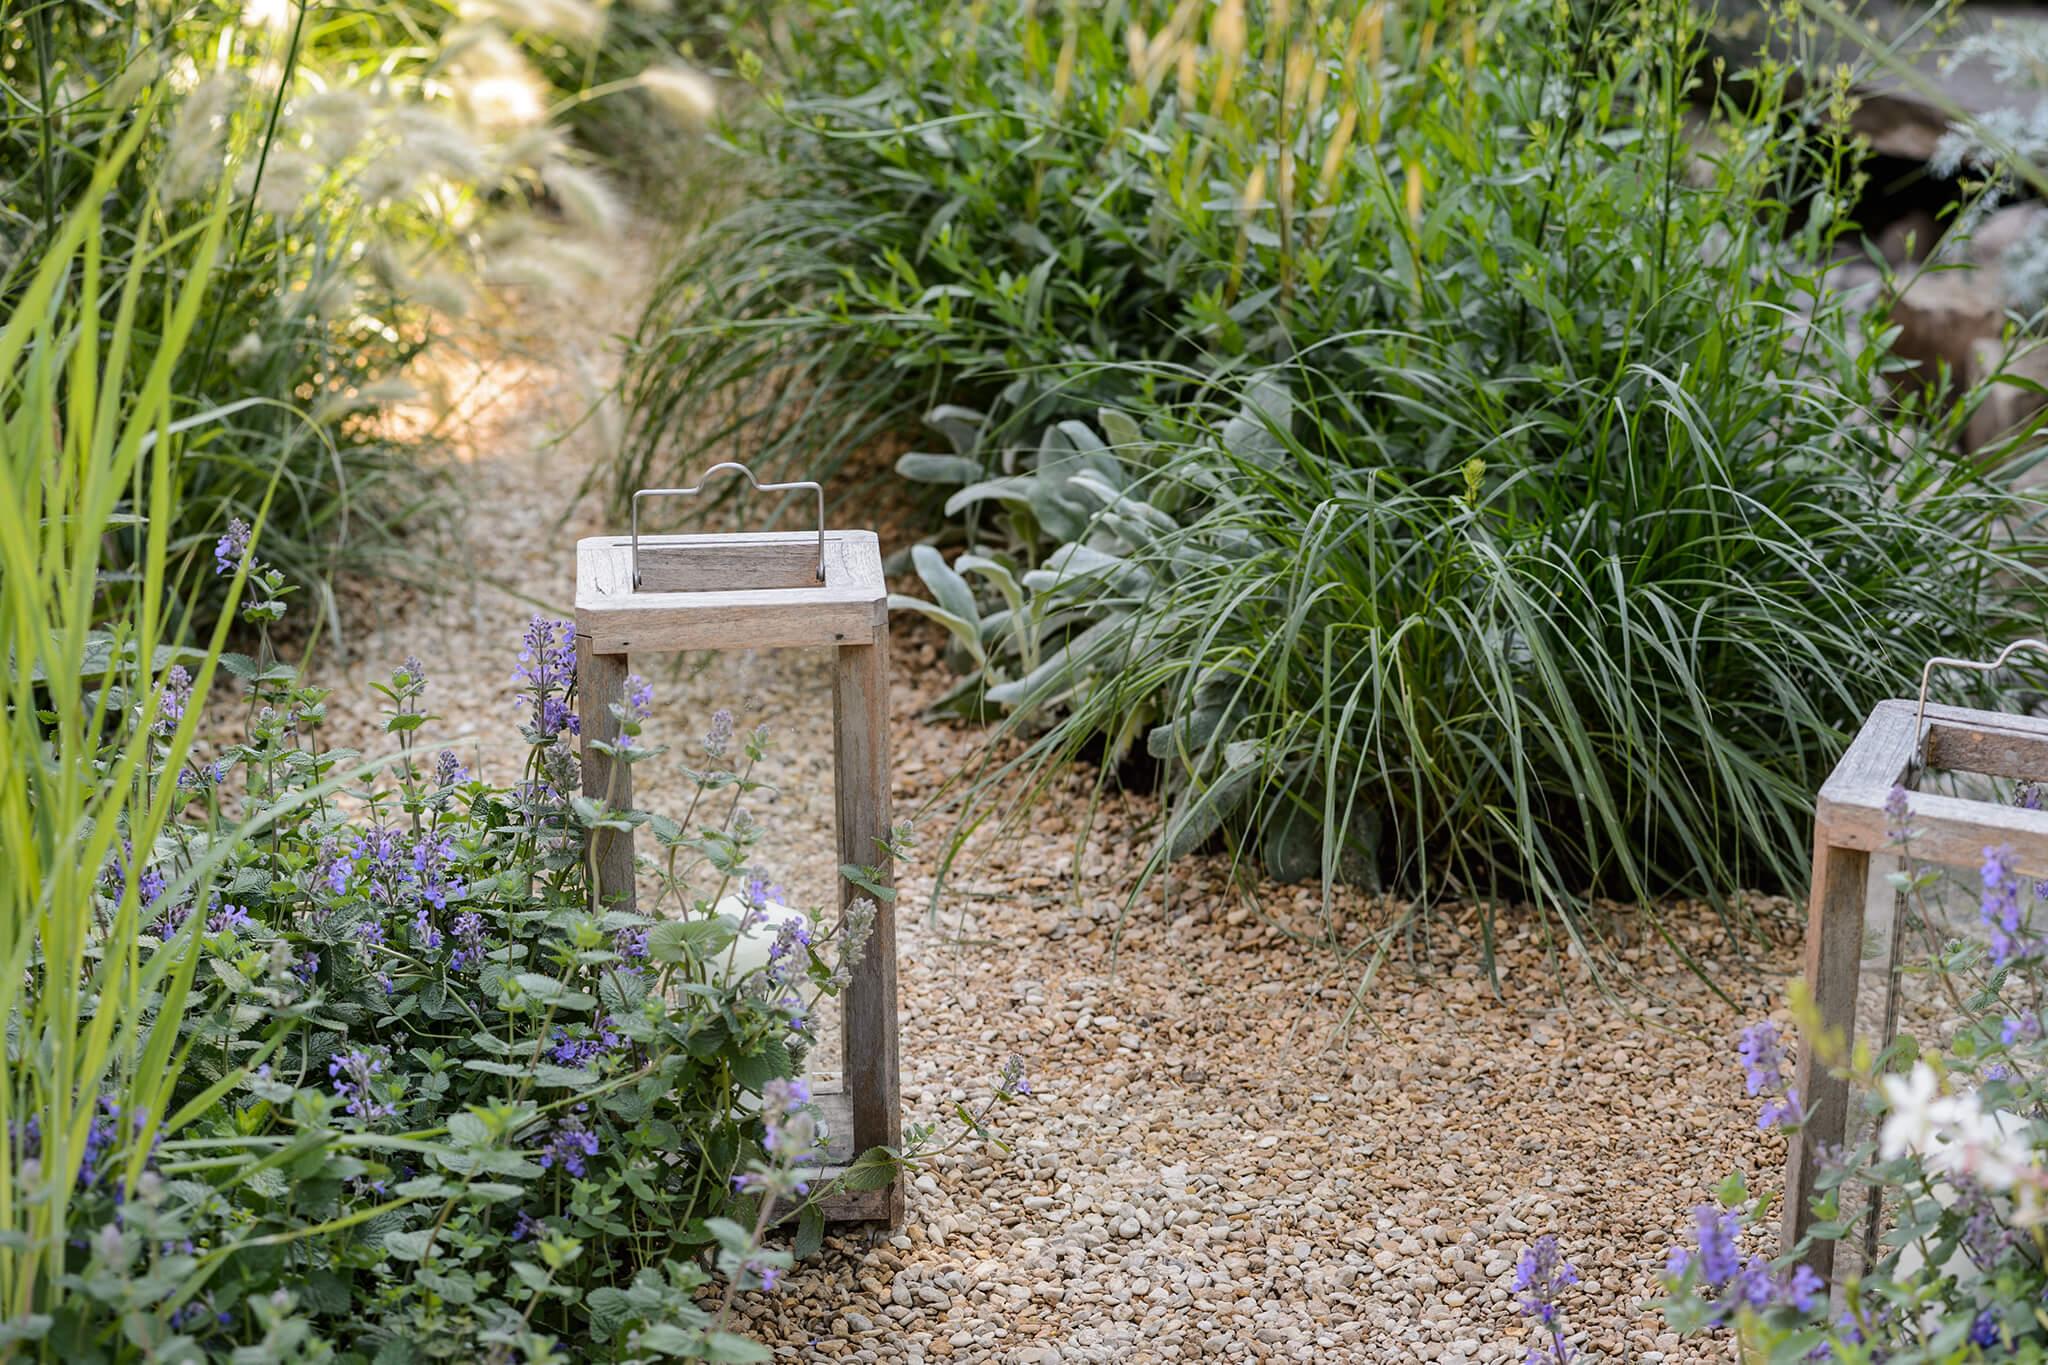 Best Plants for a Gravel Garden